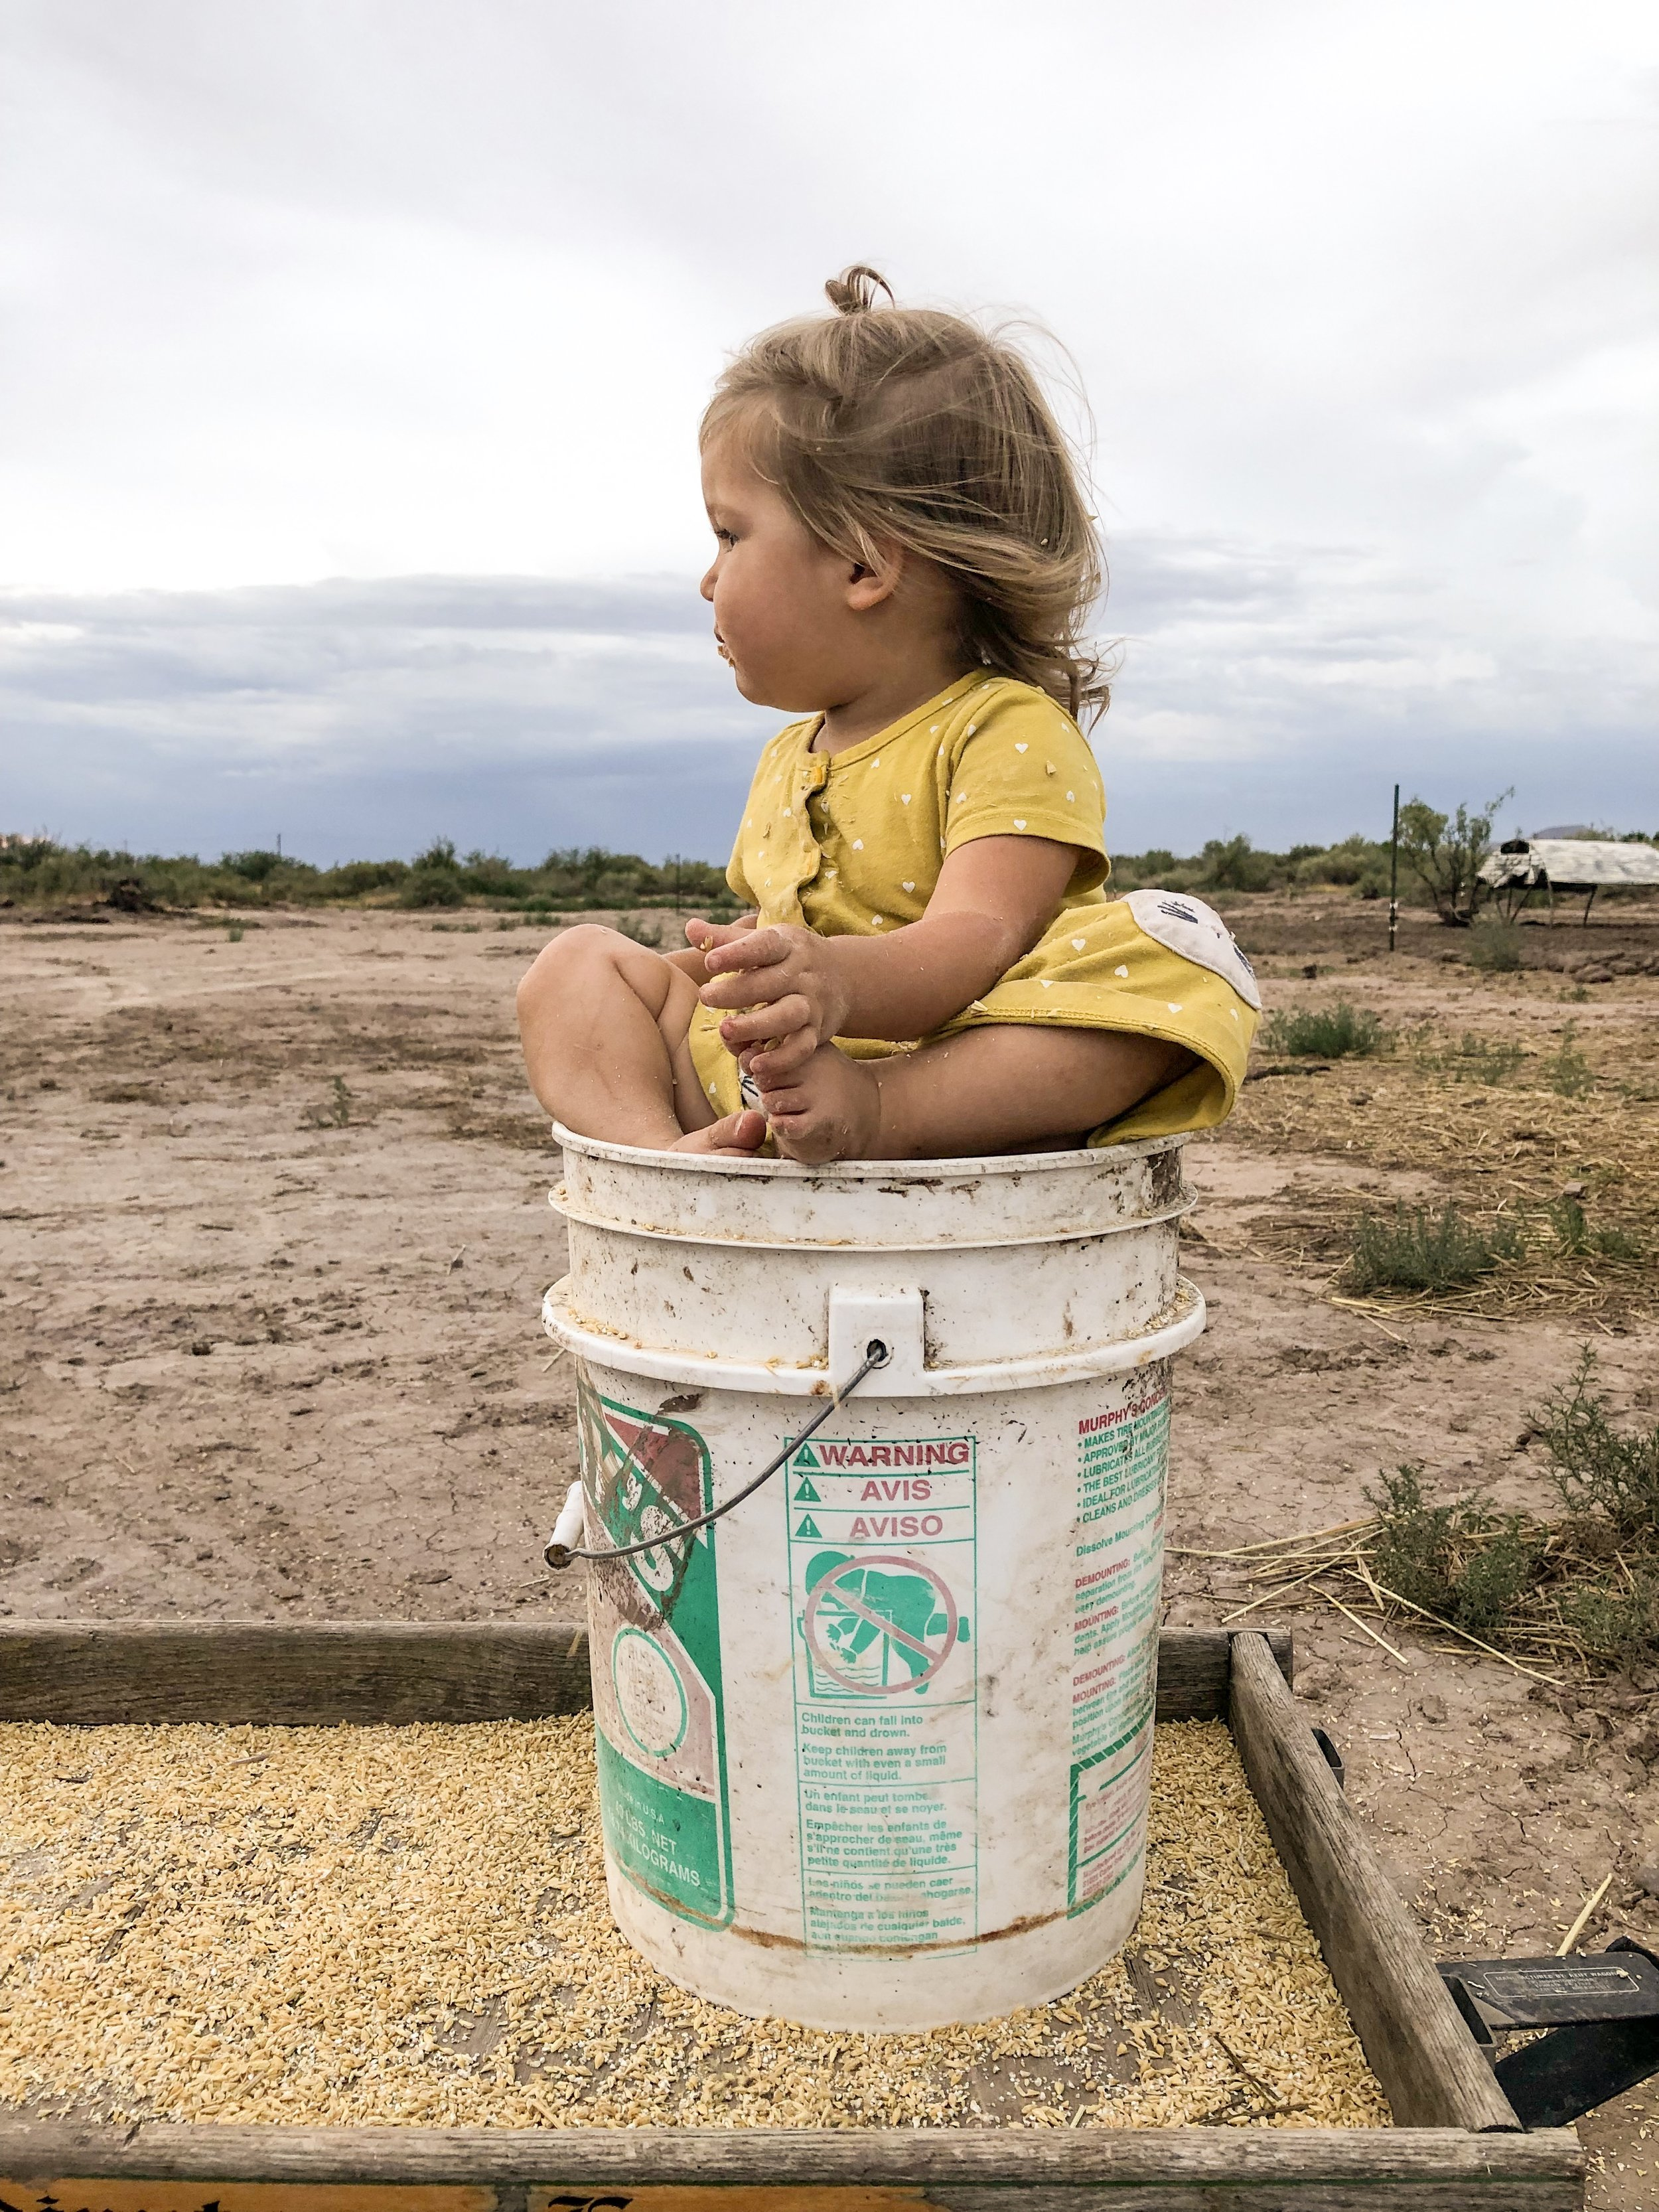 little-miss-in-bucket.JPG